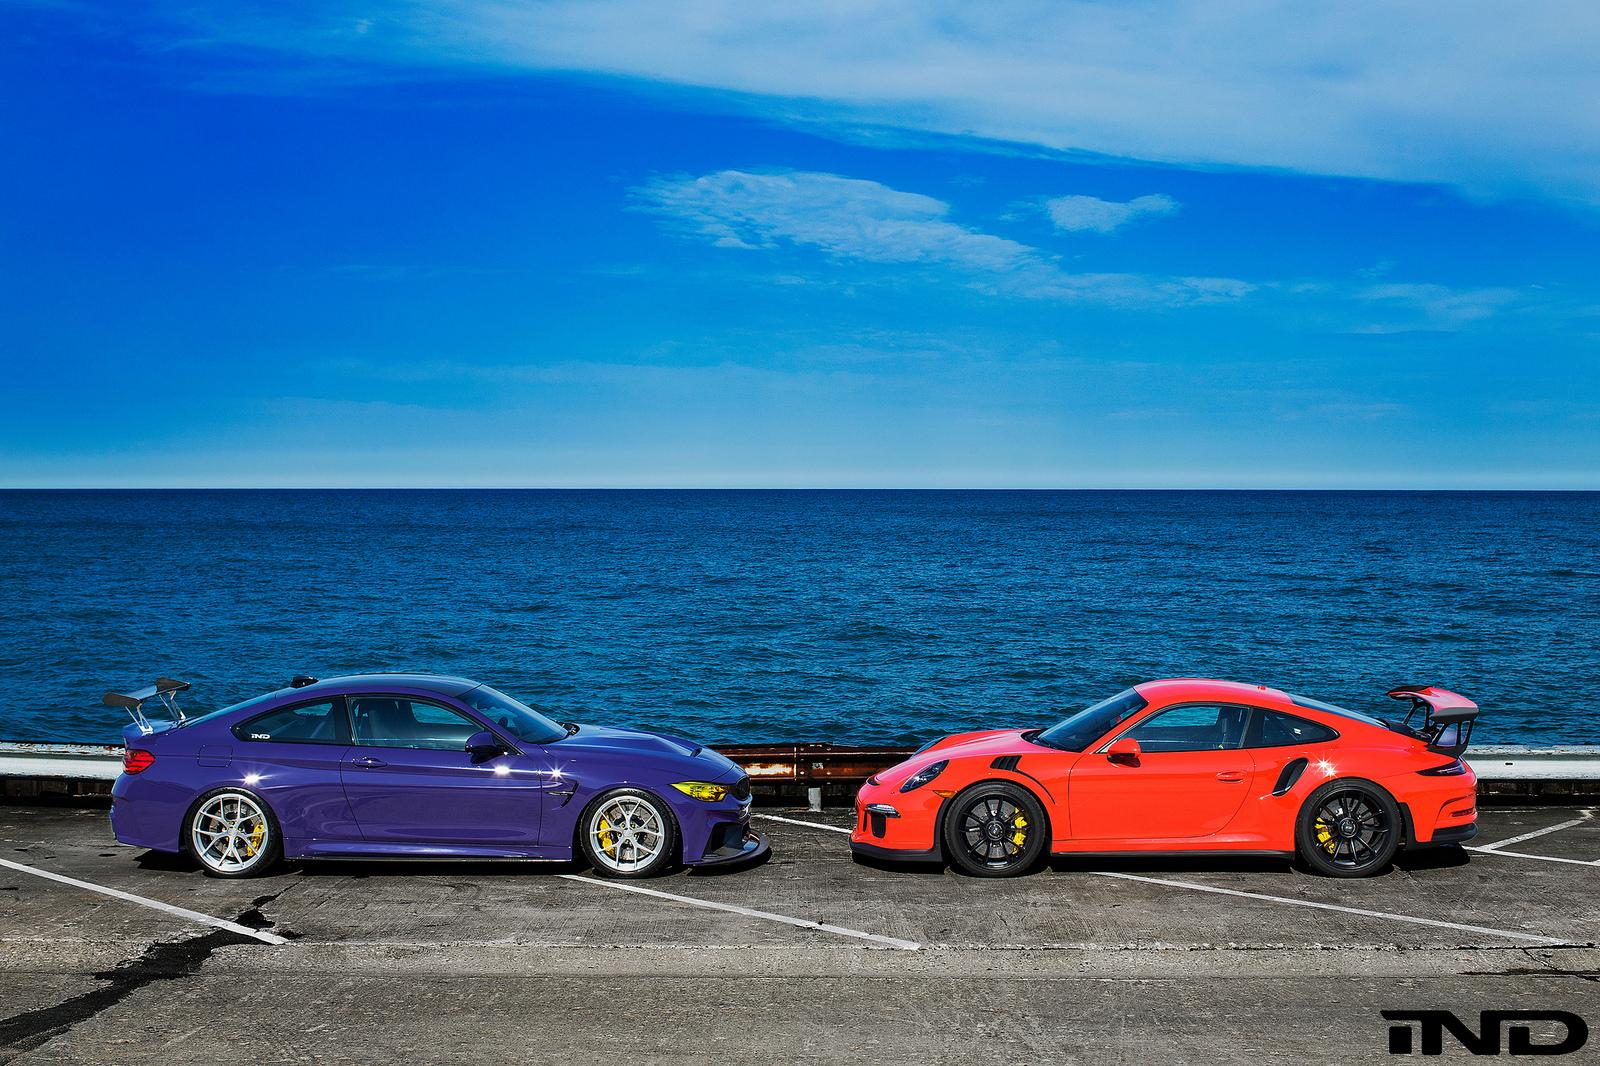 IND BMW M4 ultraviolet 1